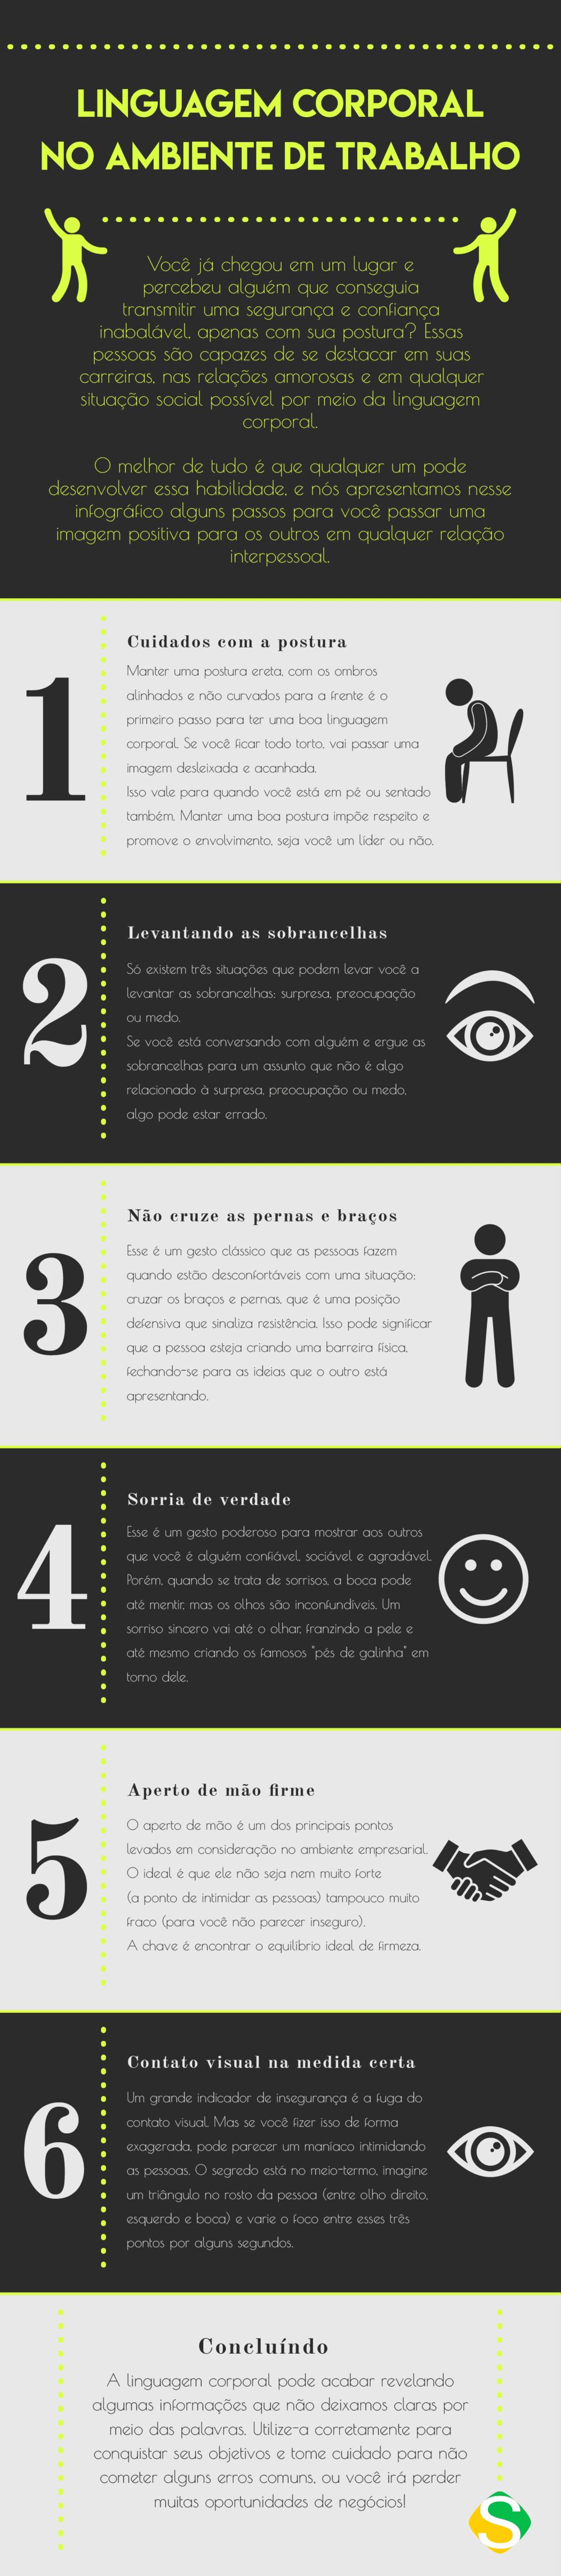 infográfico explicando a linguagem corporal